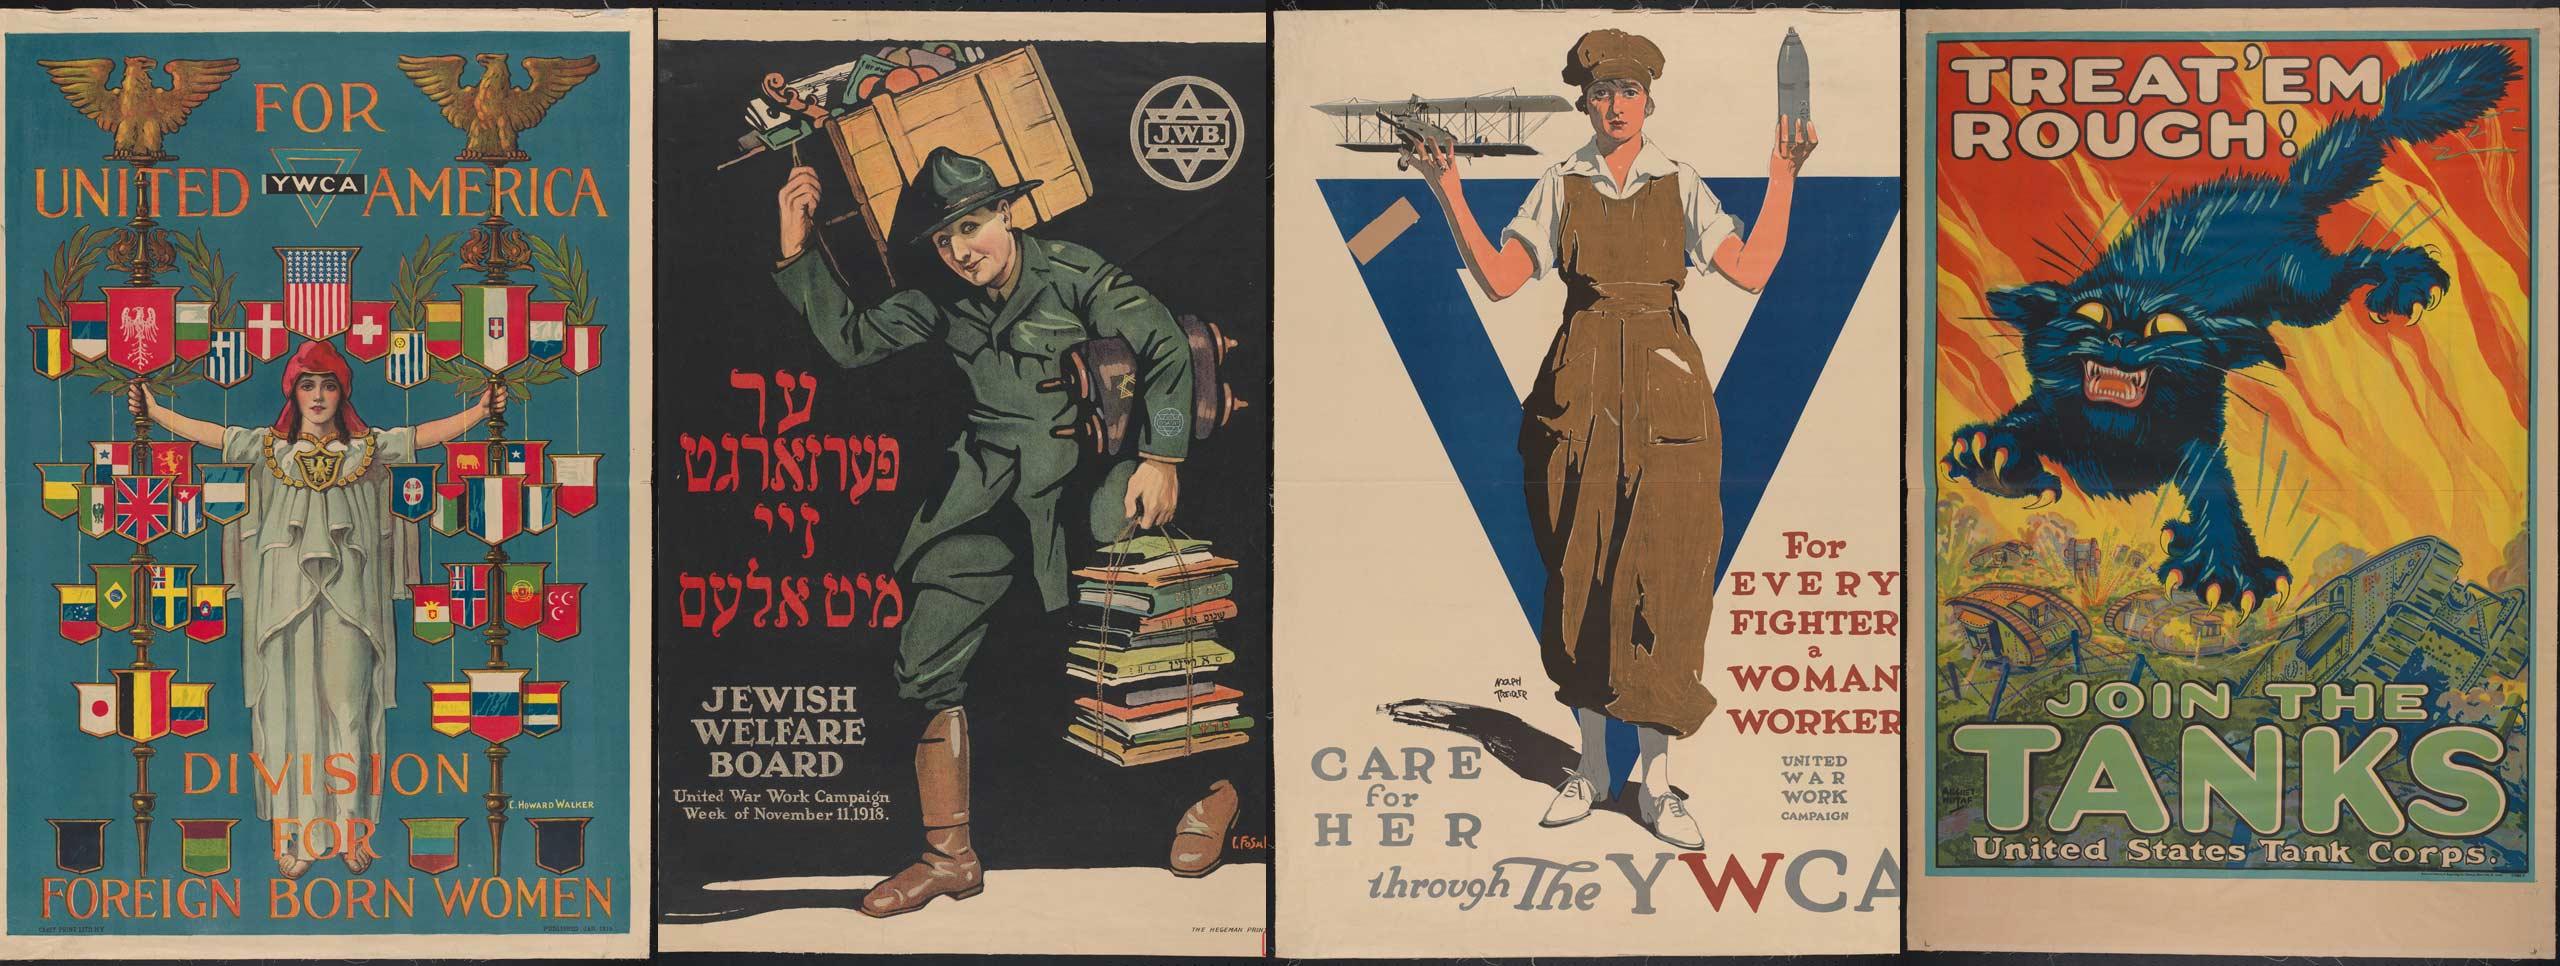 Cuatro carteles de la Primera Guerra Mundial que alientan a diferentes grupos a participar en el esfuerzo de guerra a través del trabajo, el alistamiento y más